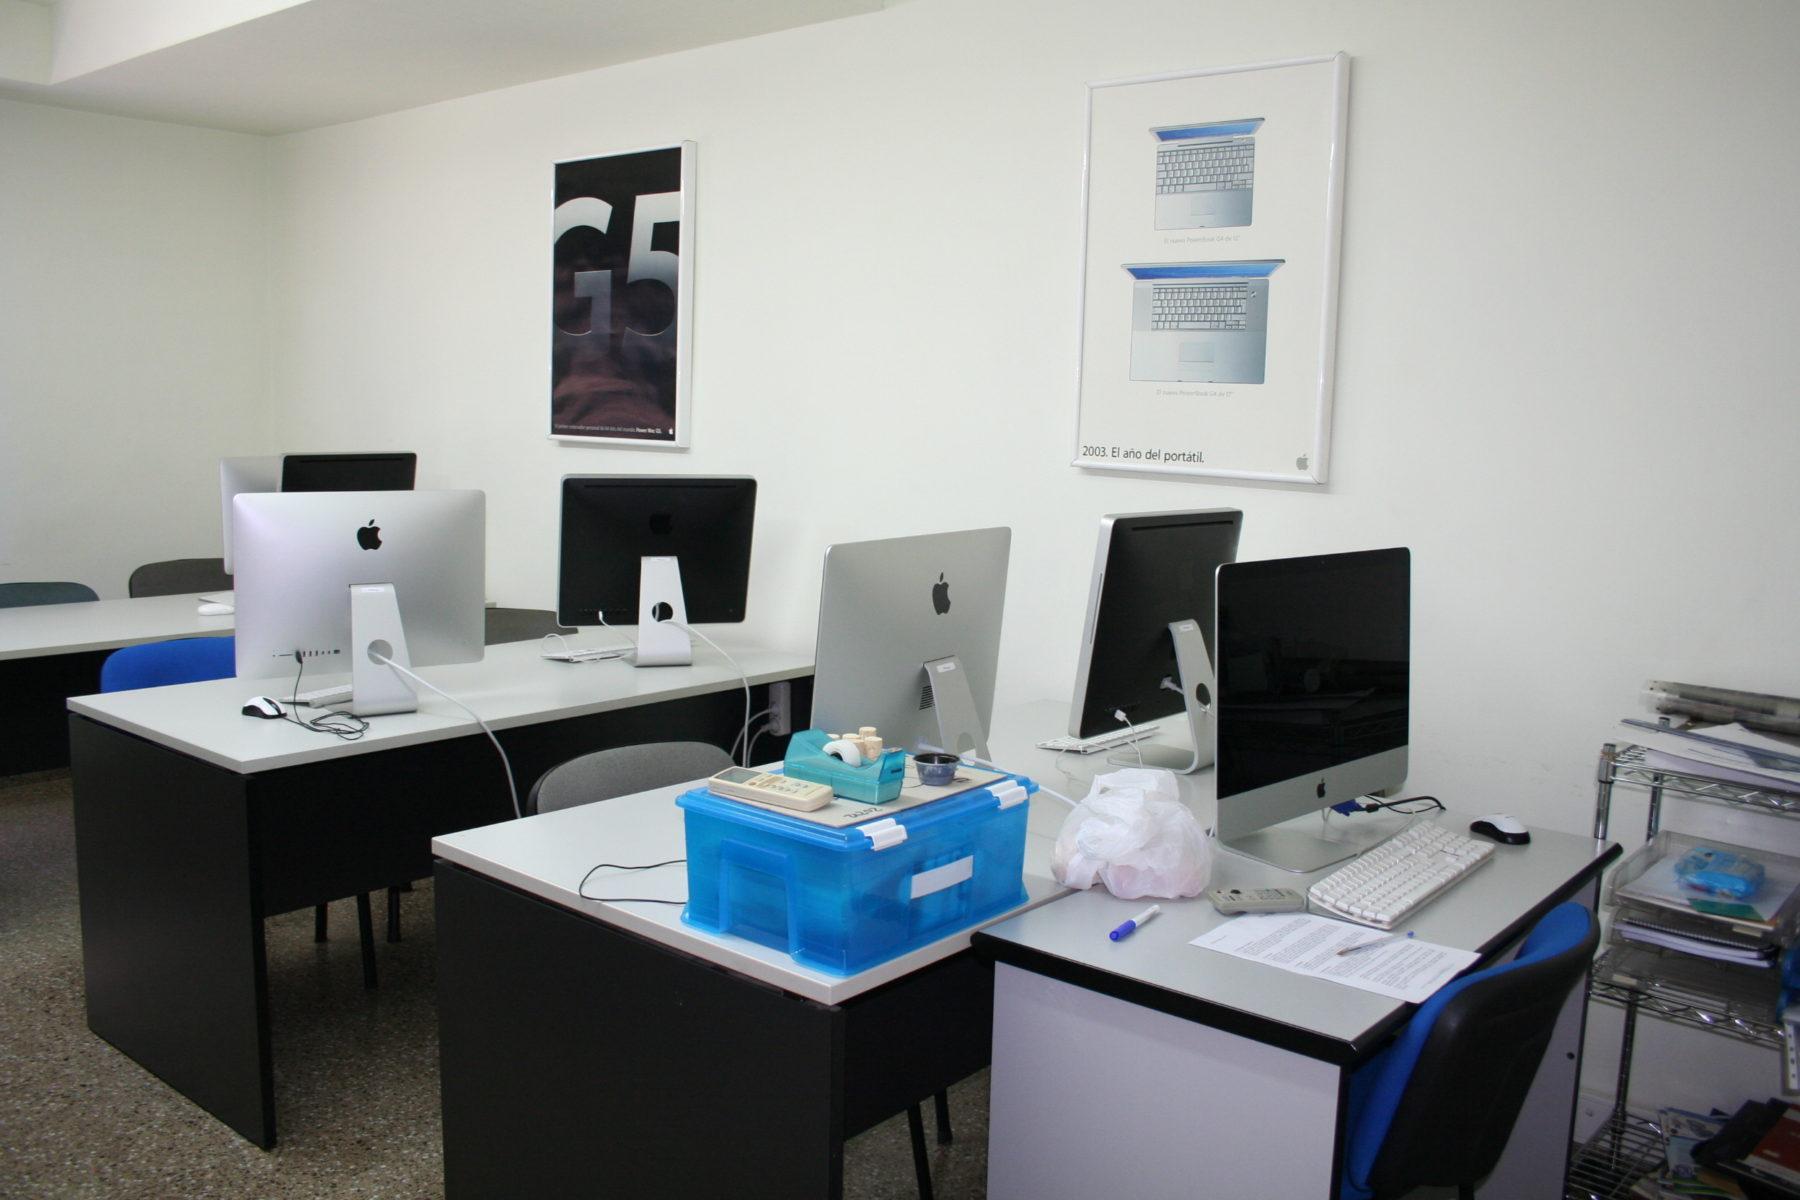 Equipamiento escuela de diseño y desarrollo web en Elche